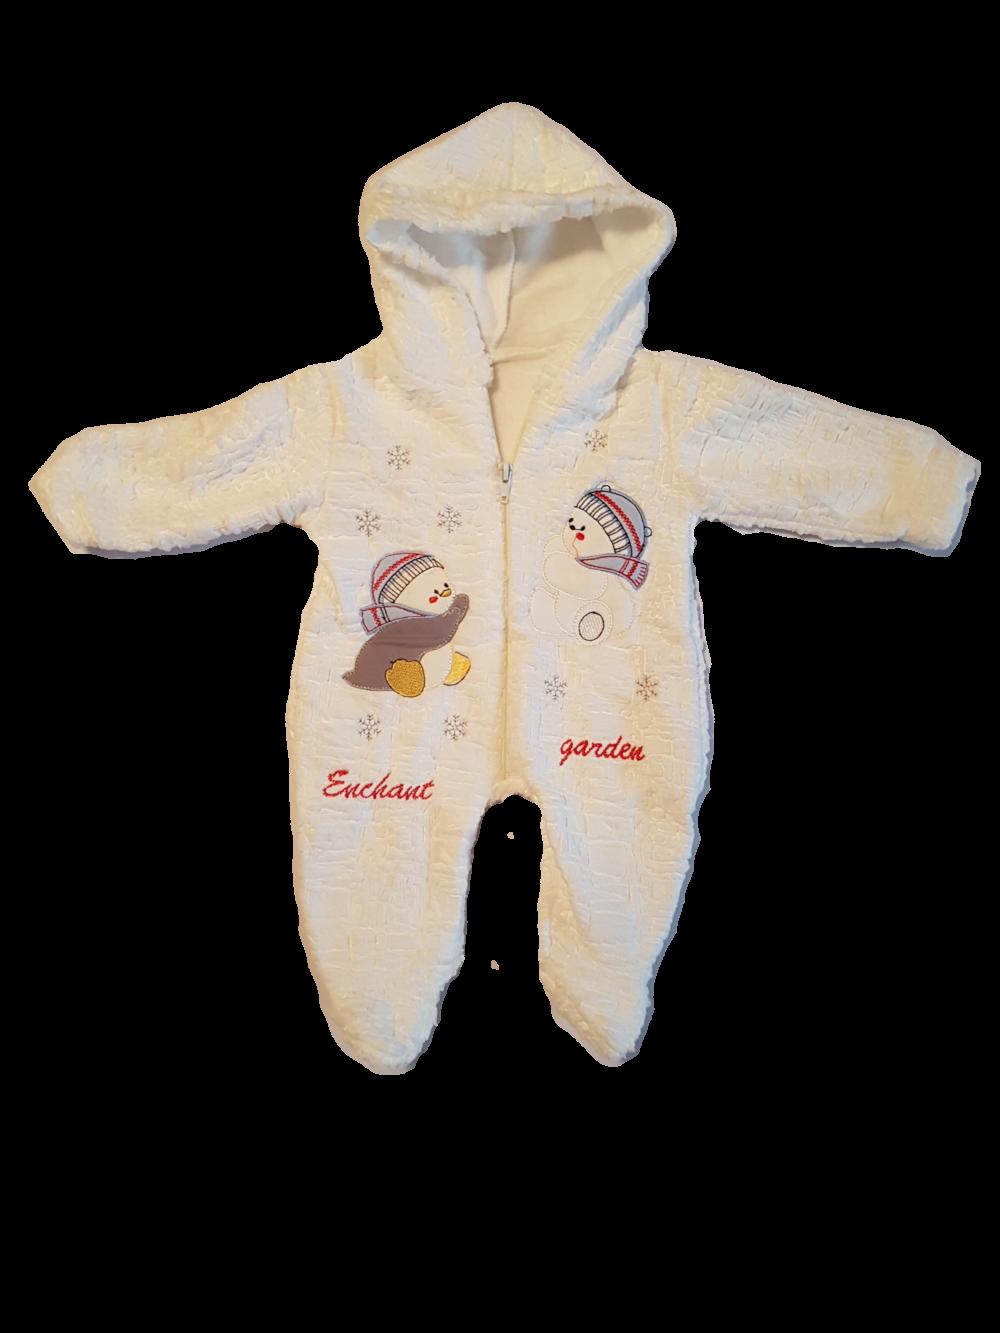 haine bebelusi - combinezion copii bebelusi alb gros oameni de zapada gluga  fermoar e1510342002590 420x560 - 40a79b665dd